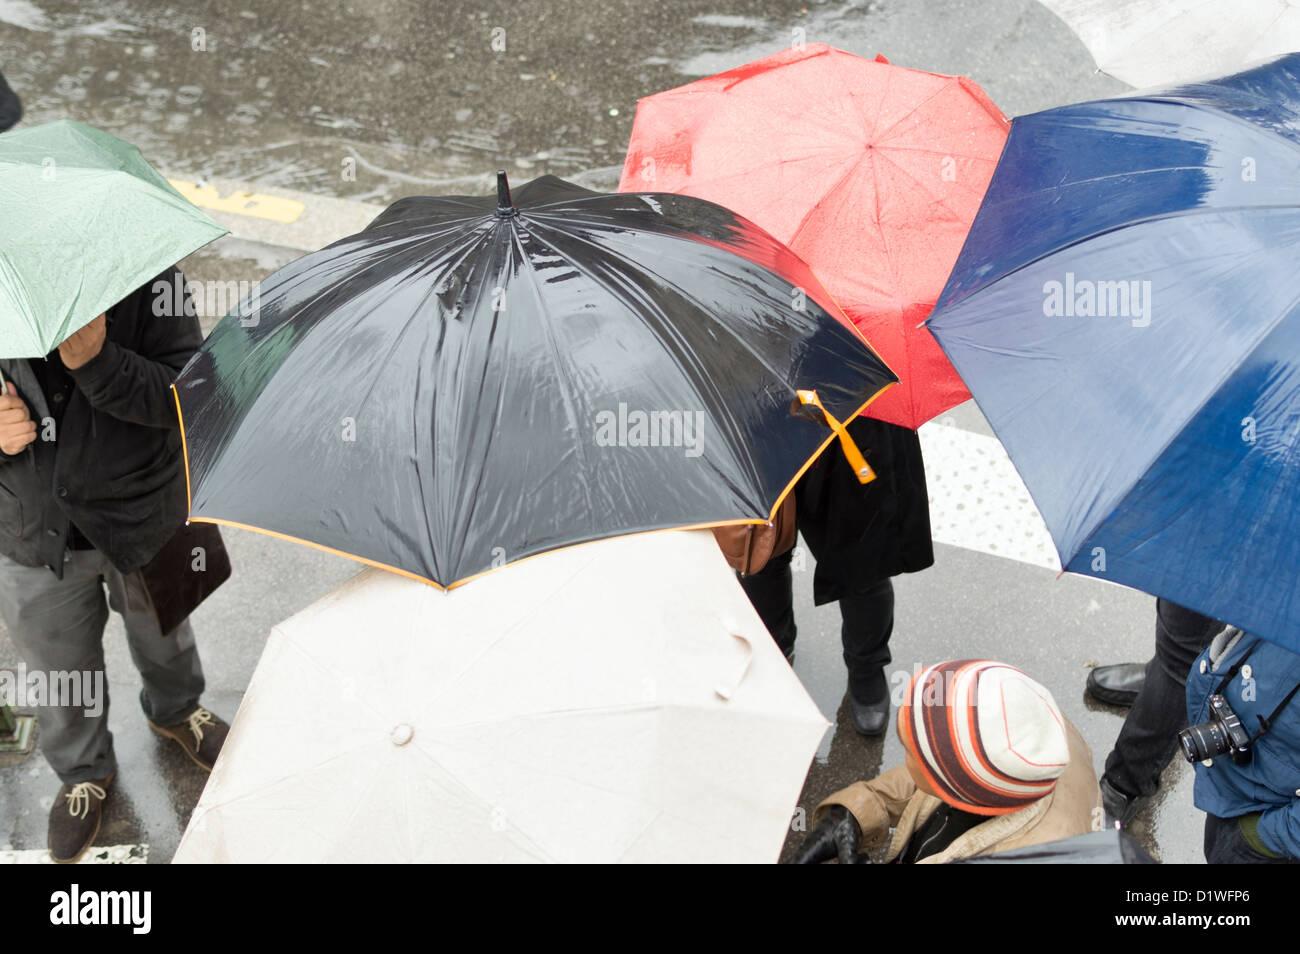 Paris, Frankreich: Touristen mit Sonnenschirmen auf einer Stadtstraße im Regen. Stockbild